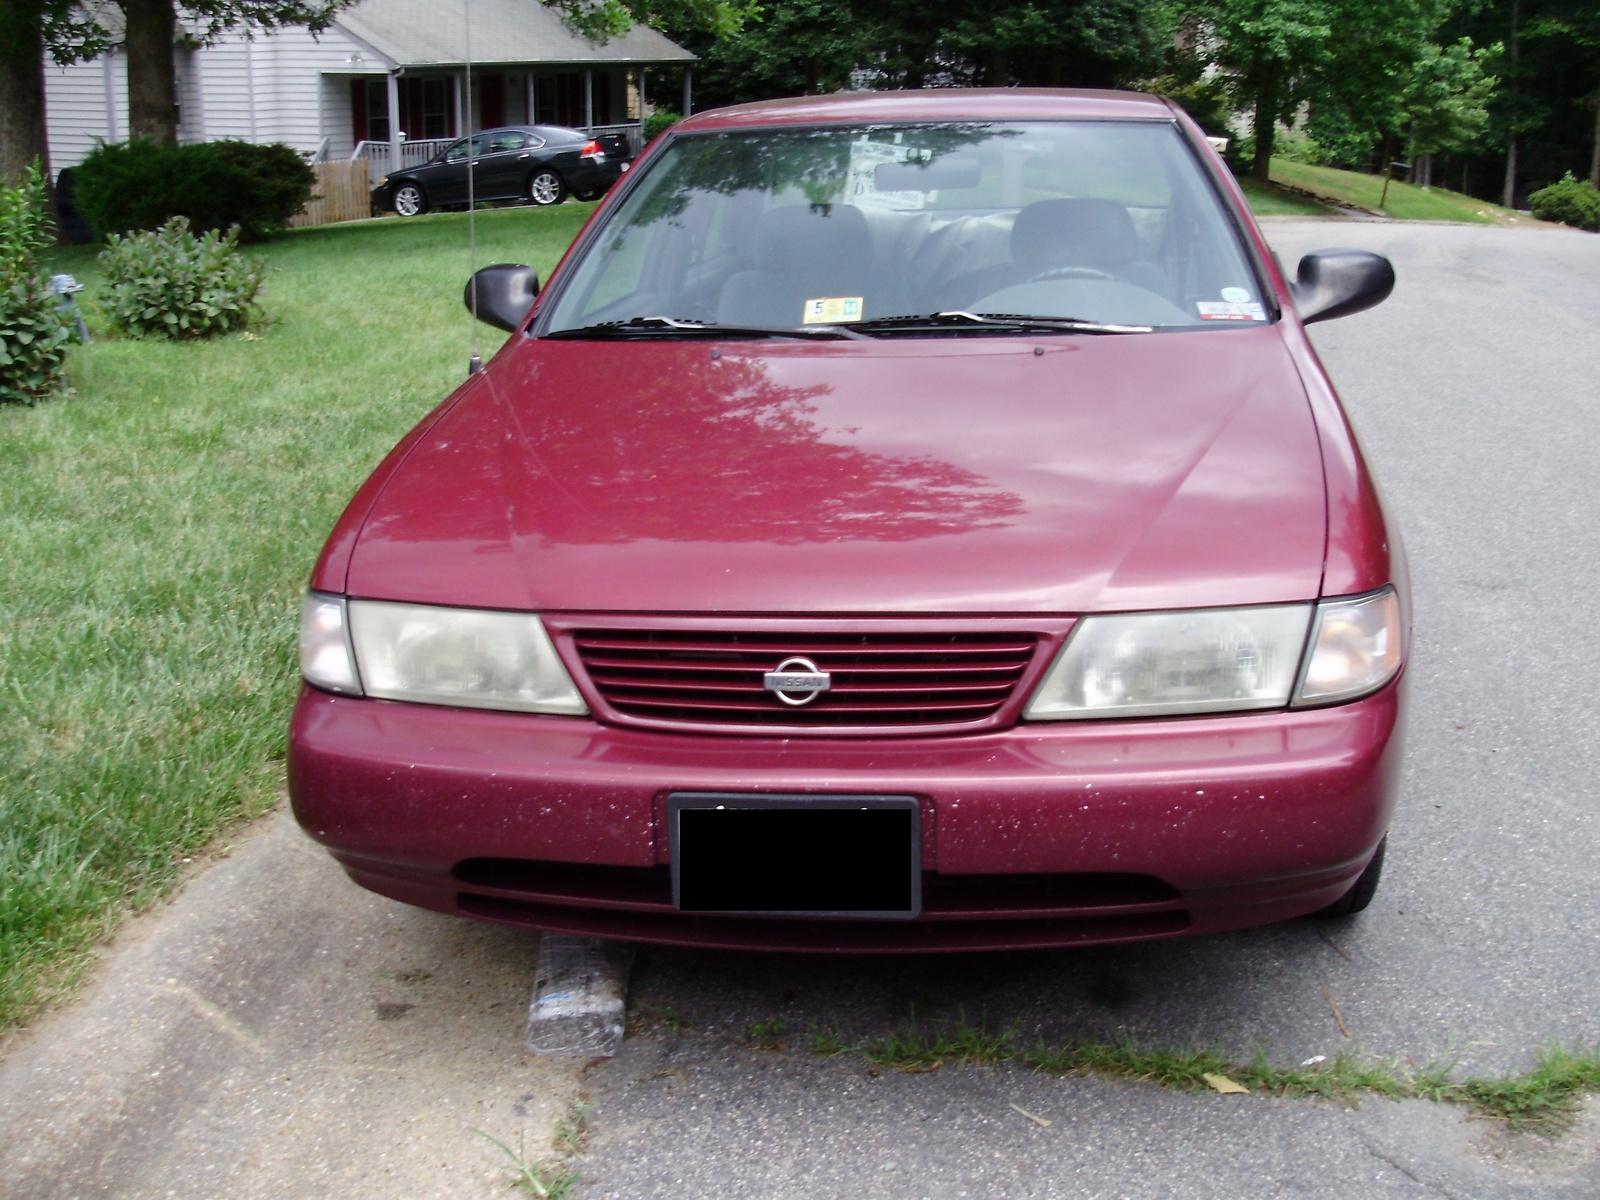 1997 Nissan Sentra - Pictures - CarGurus